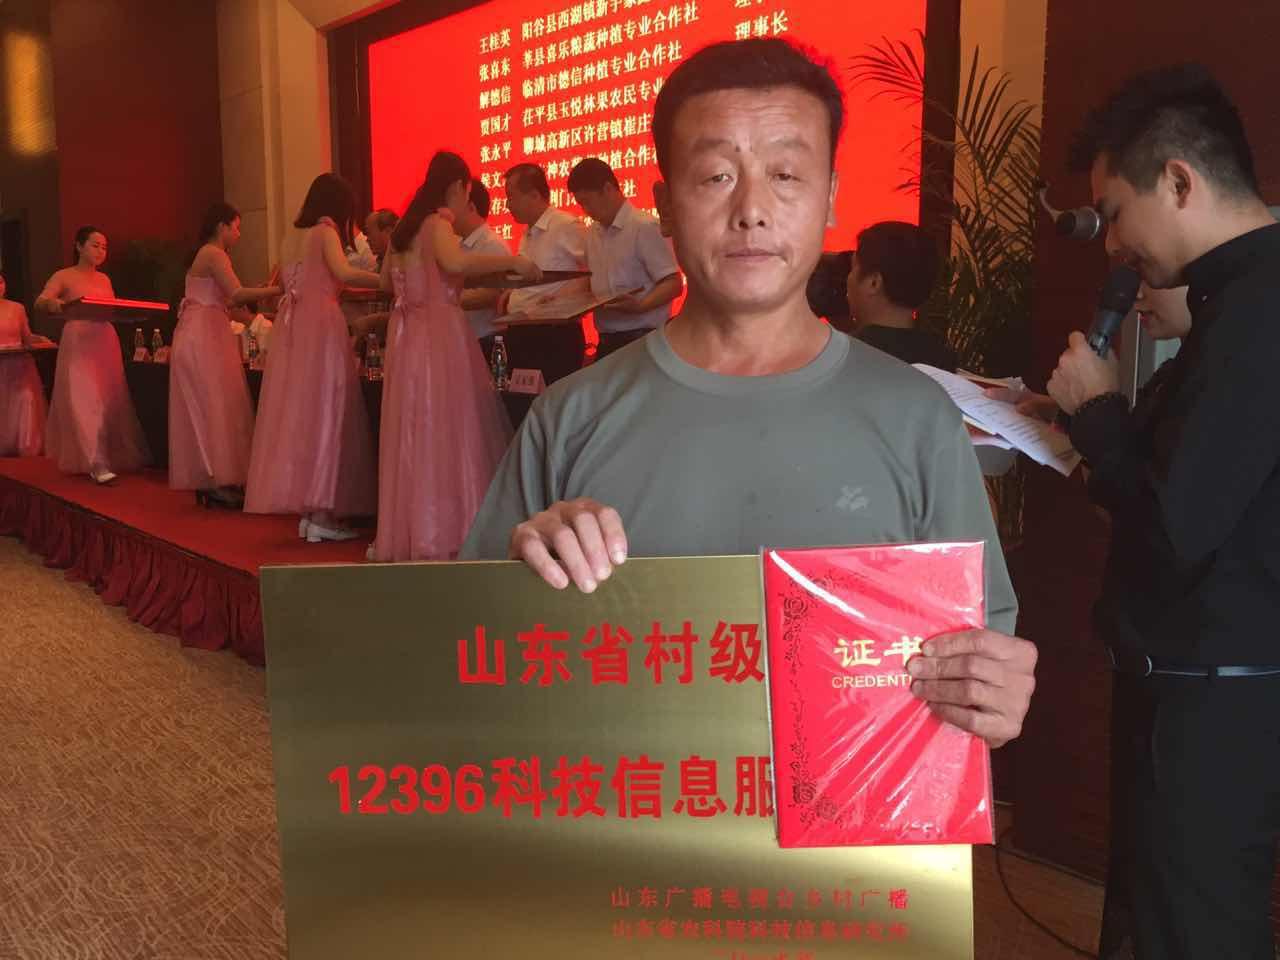 山东省第四批12396科技信息服务站授牌仪式在聊城举行